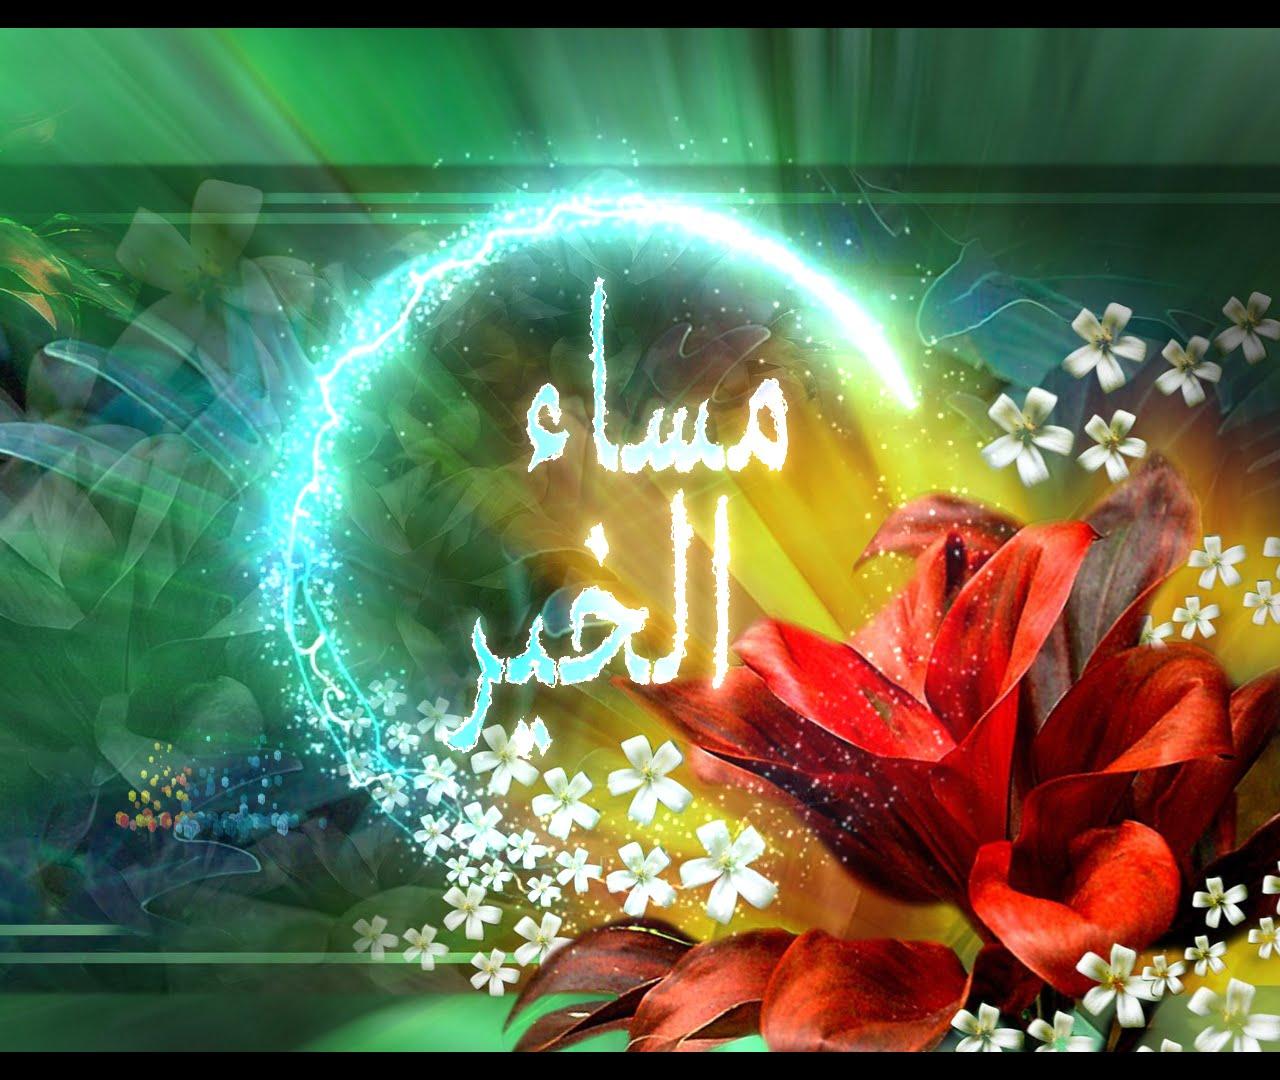 صورة رمزيات مساء الخير , رسايل مساء الخير بالصور 4974 8